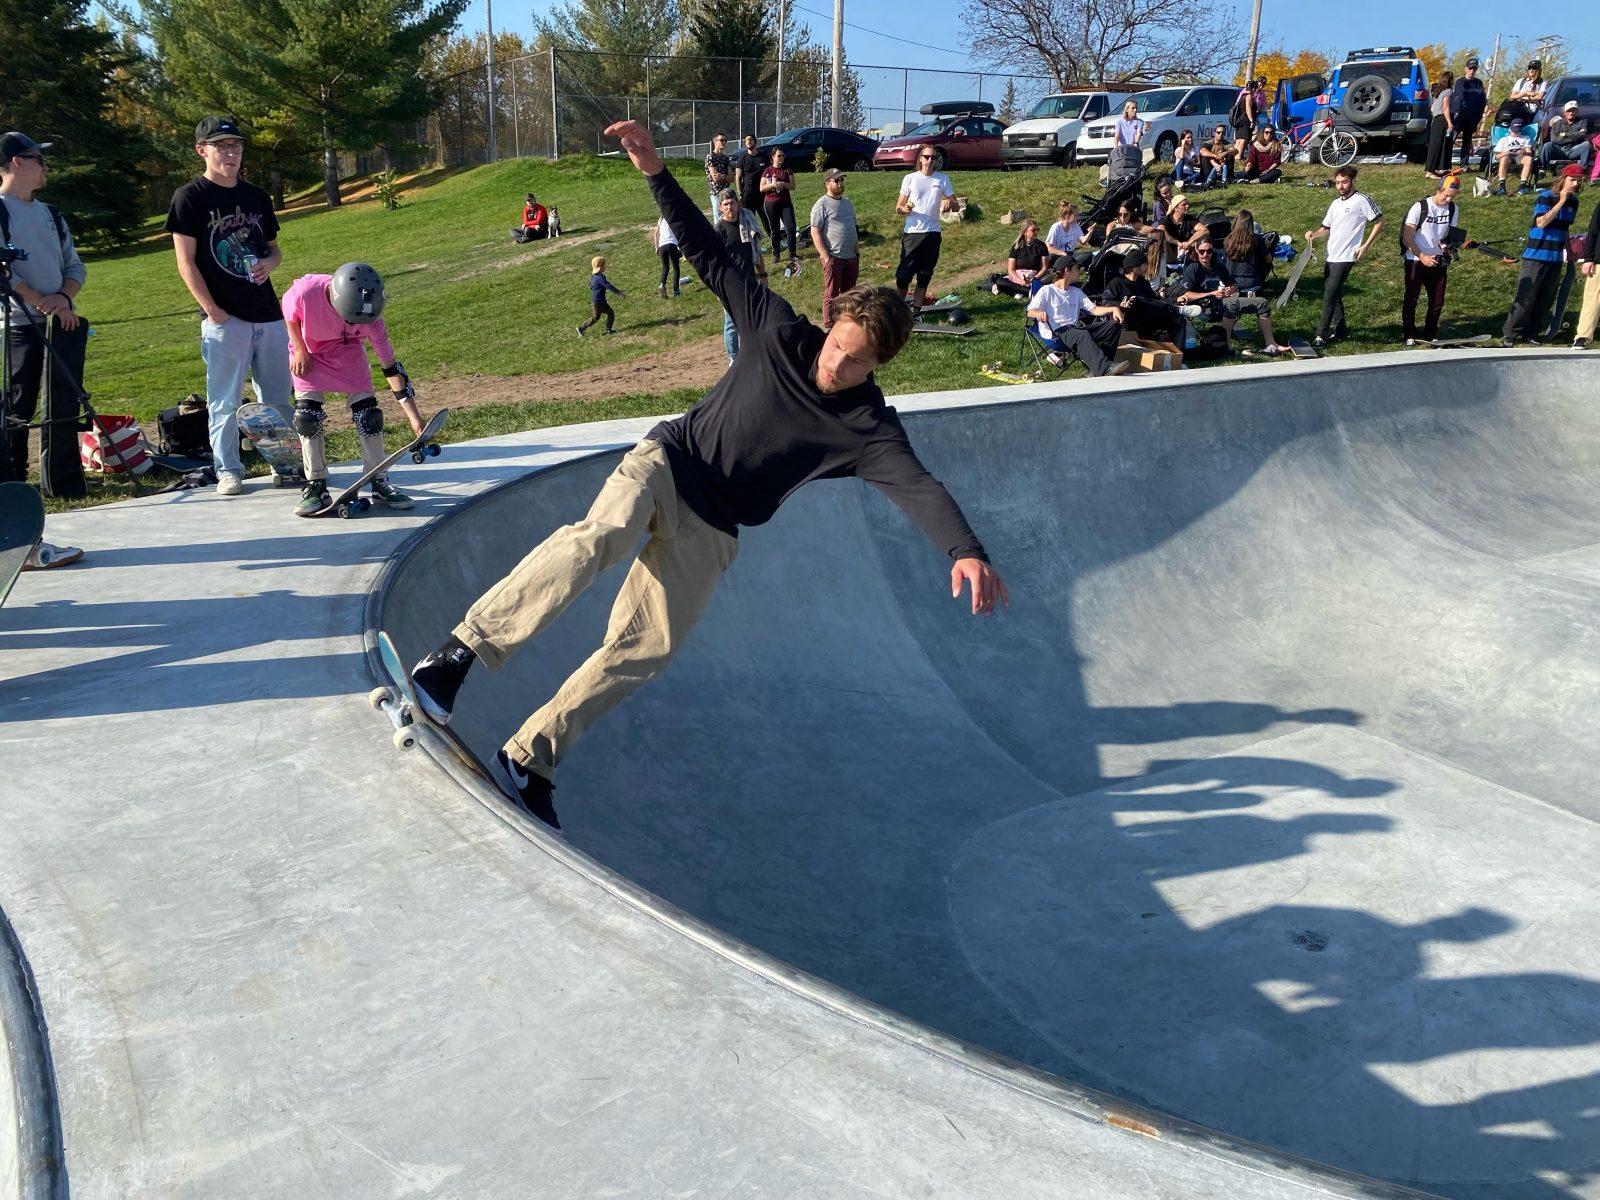 Lancement du skatepark : un retour en force pour la « ville du skate »